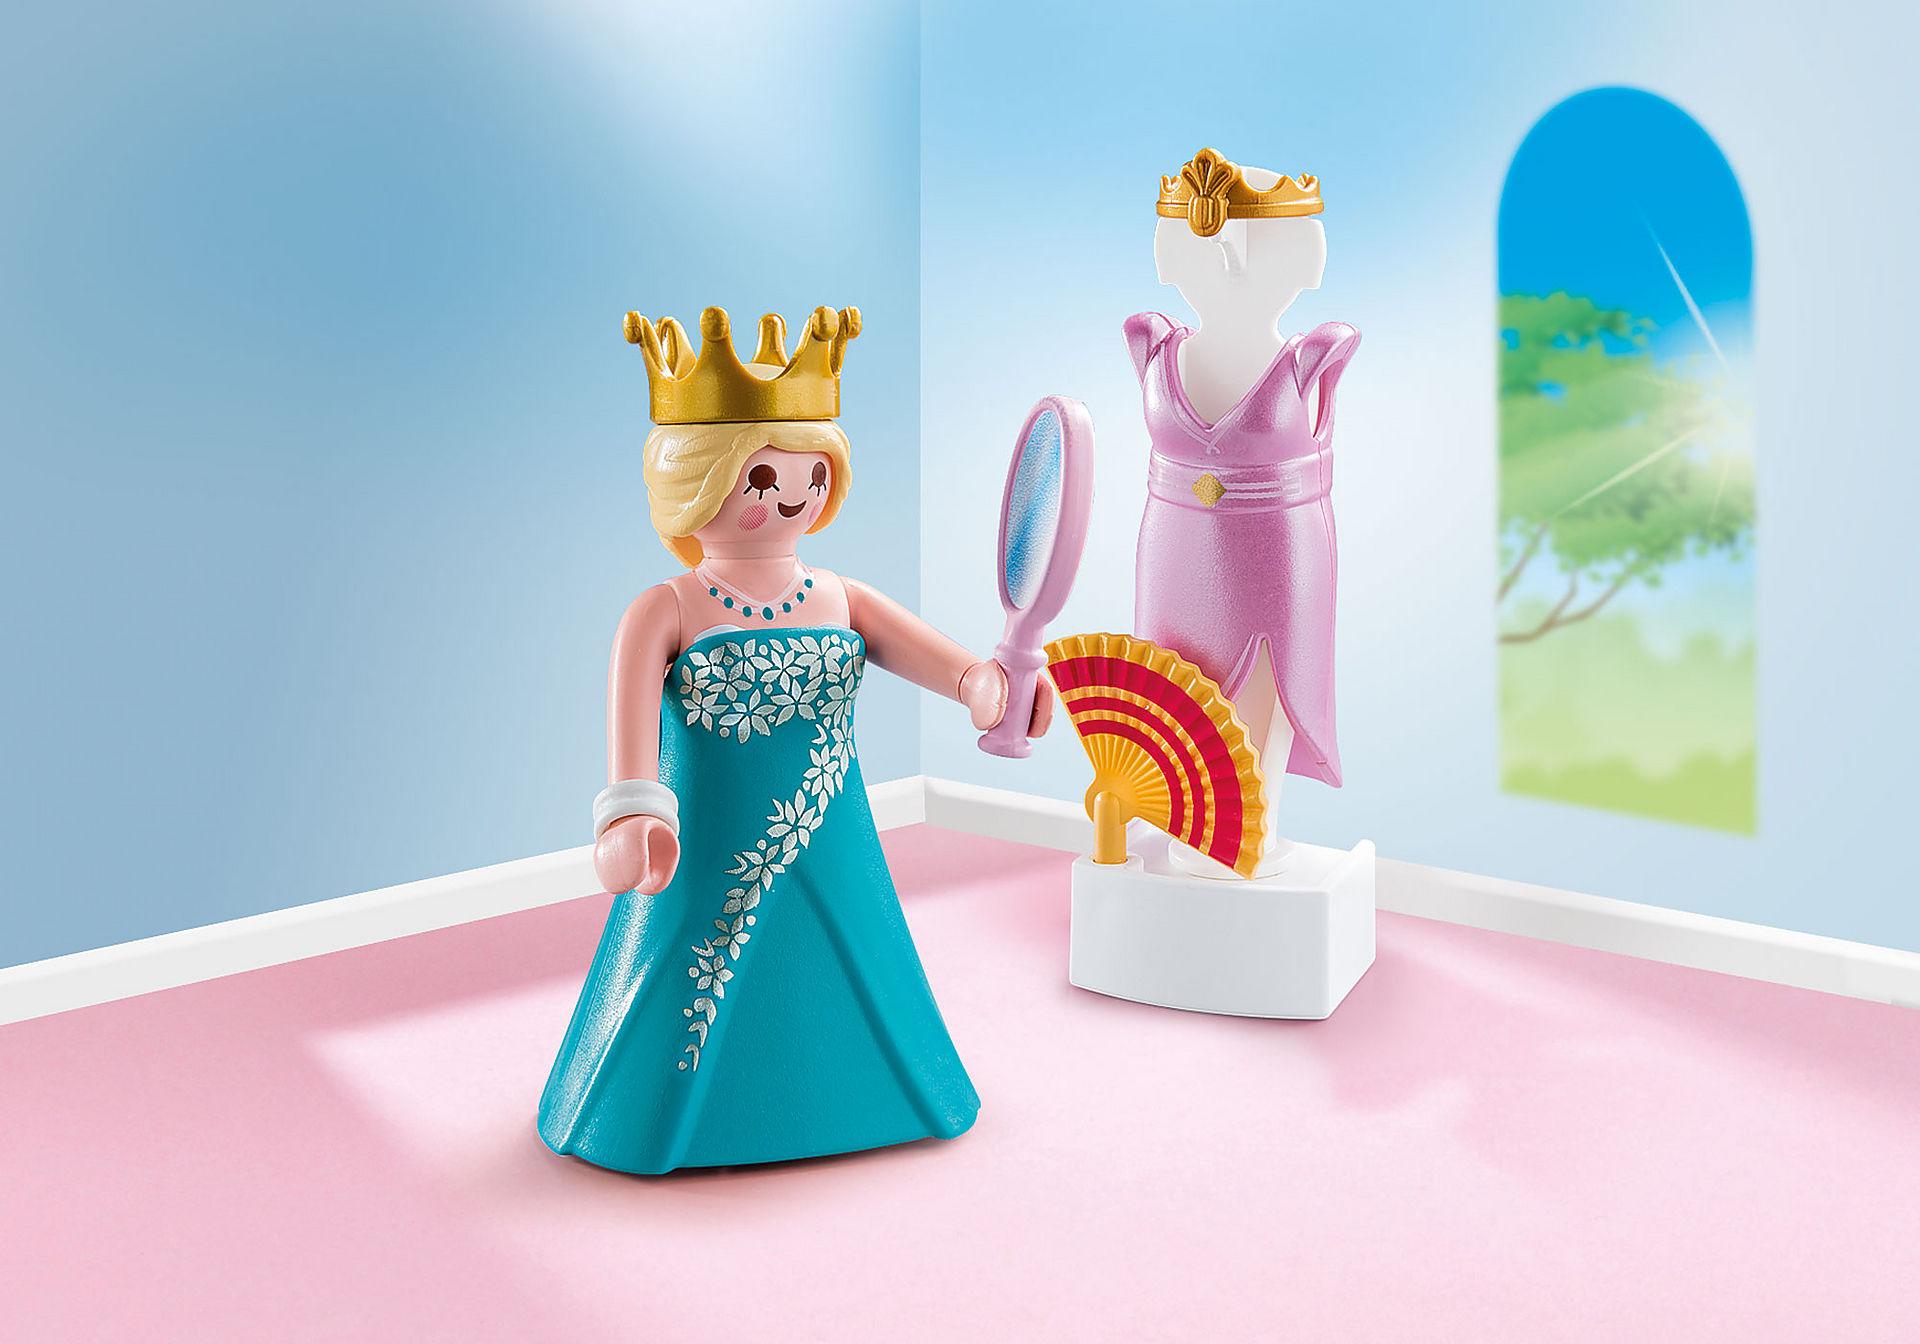 70153 Prinzessin mit Kleiderpuppe zoom image1